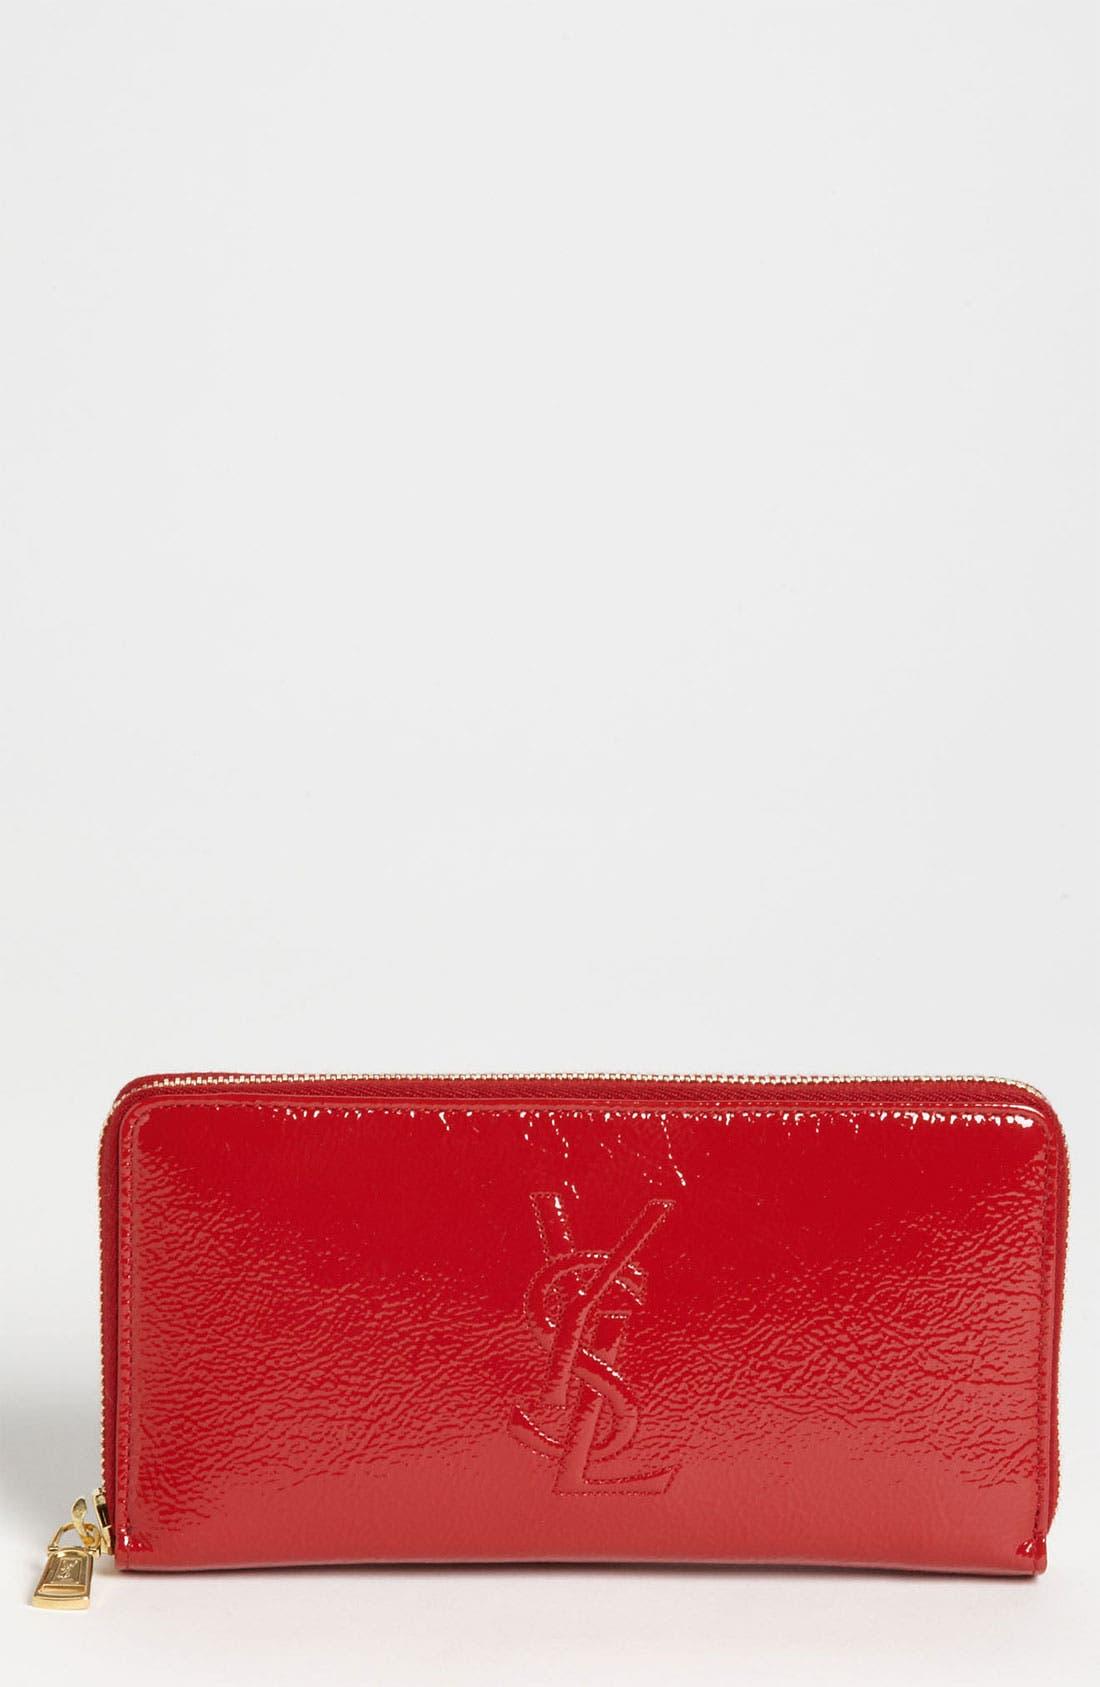 Alternate Image 1 Selected - Saint Laurent 'Belle de Jour' Leather Wallet